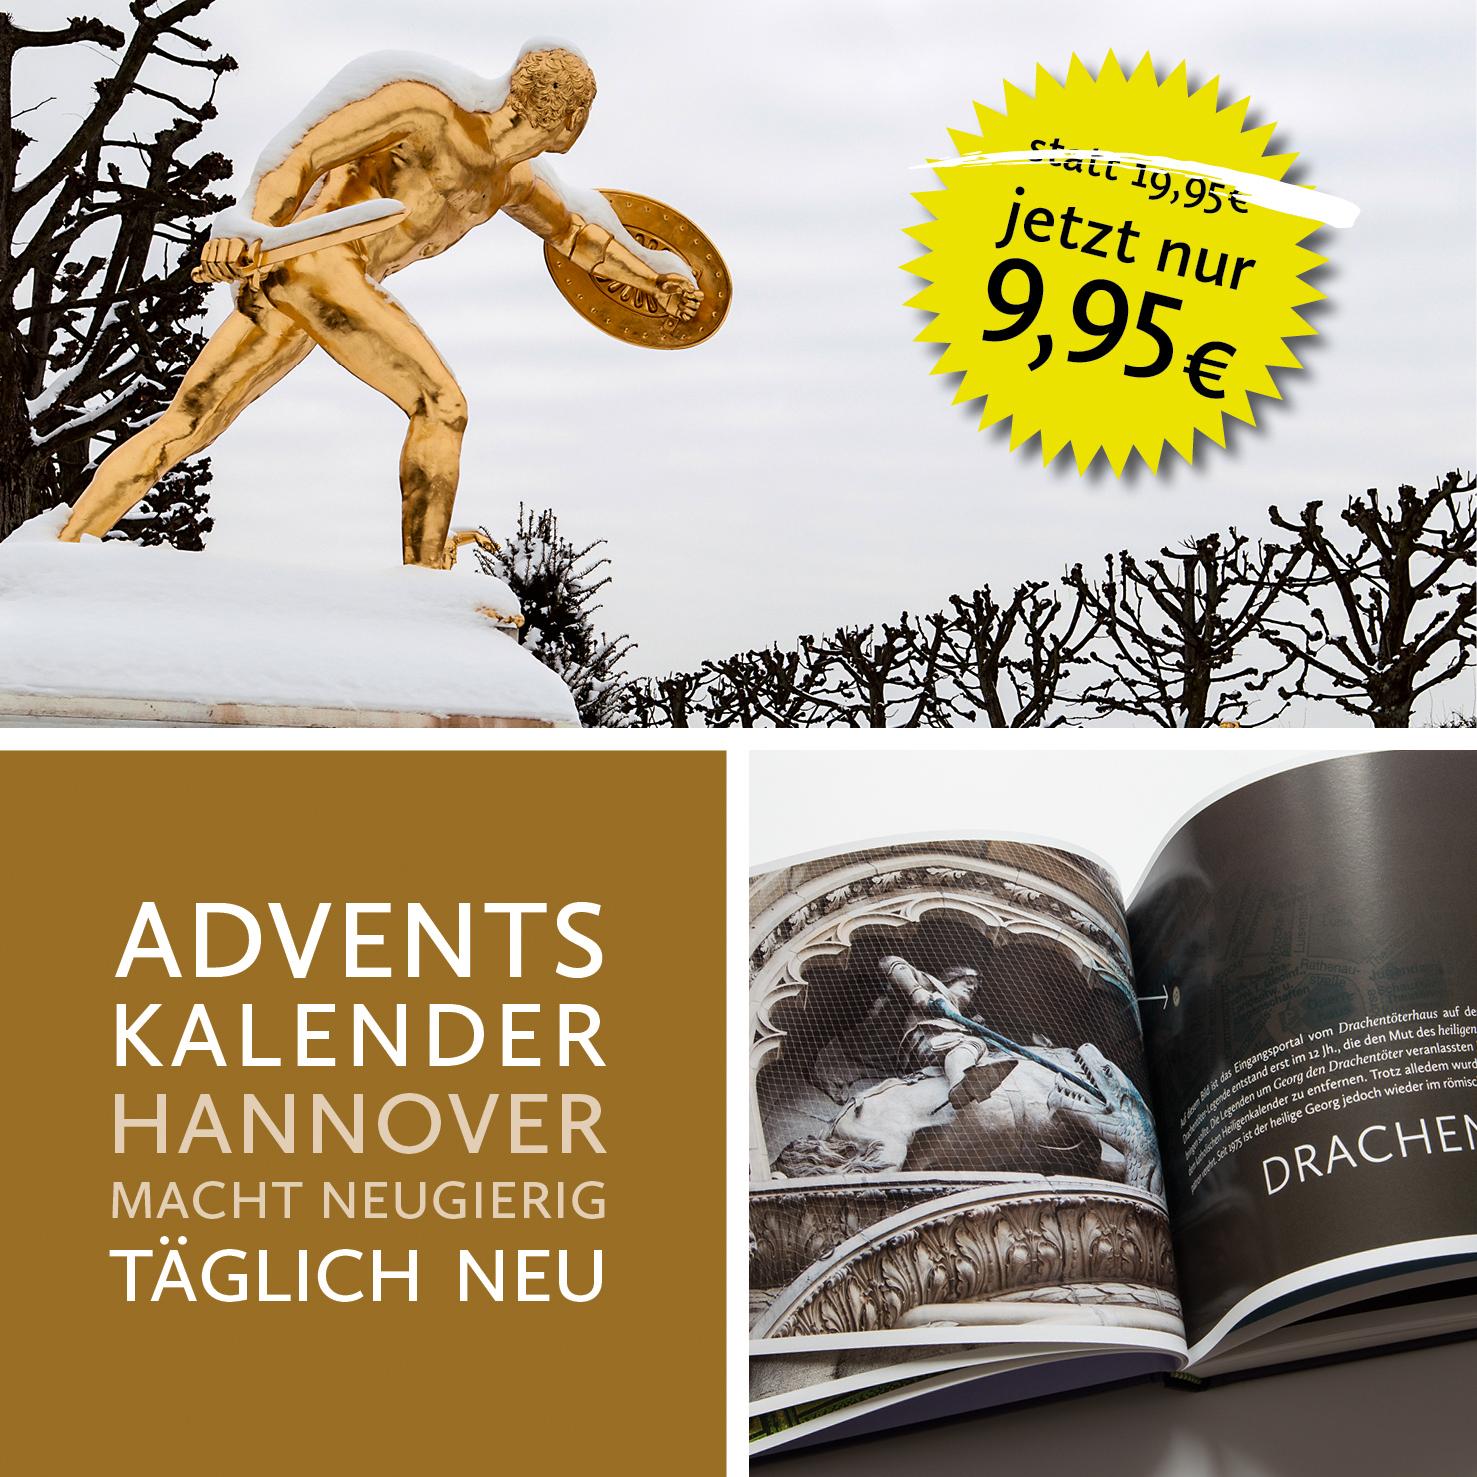 HANNOVER Adventskalender